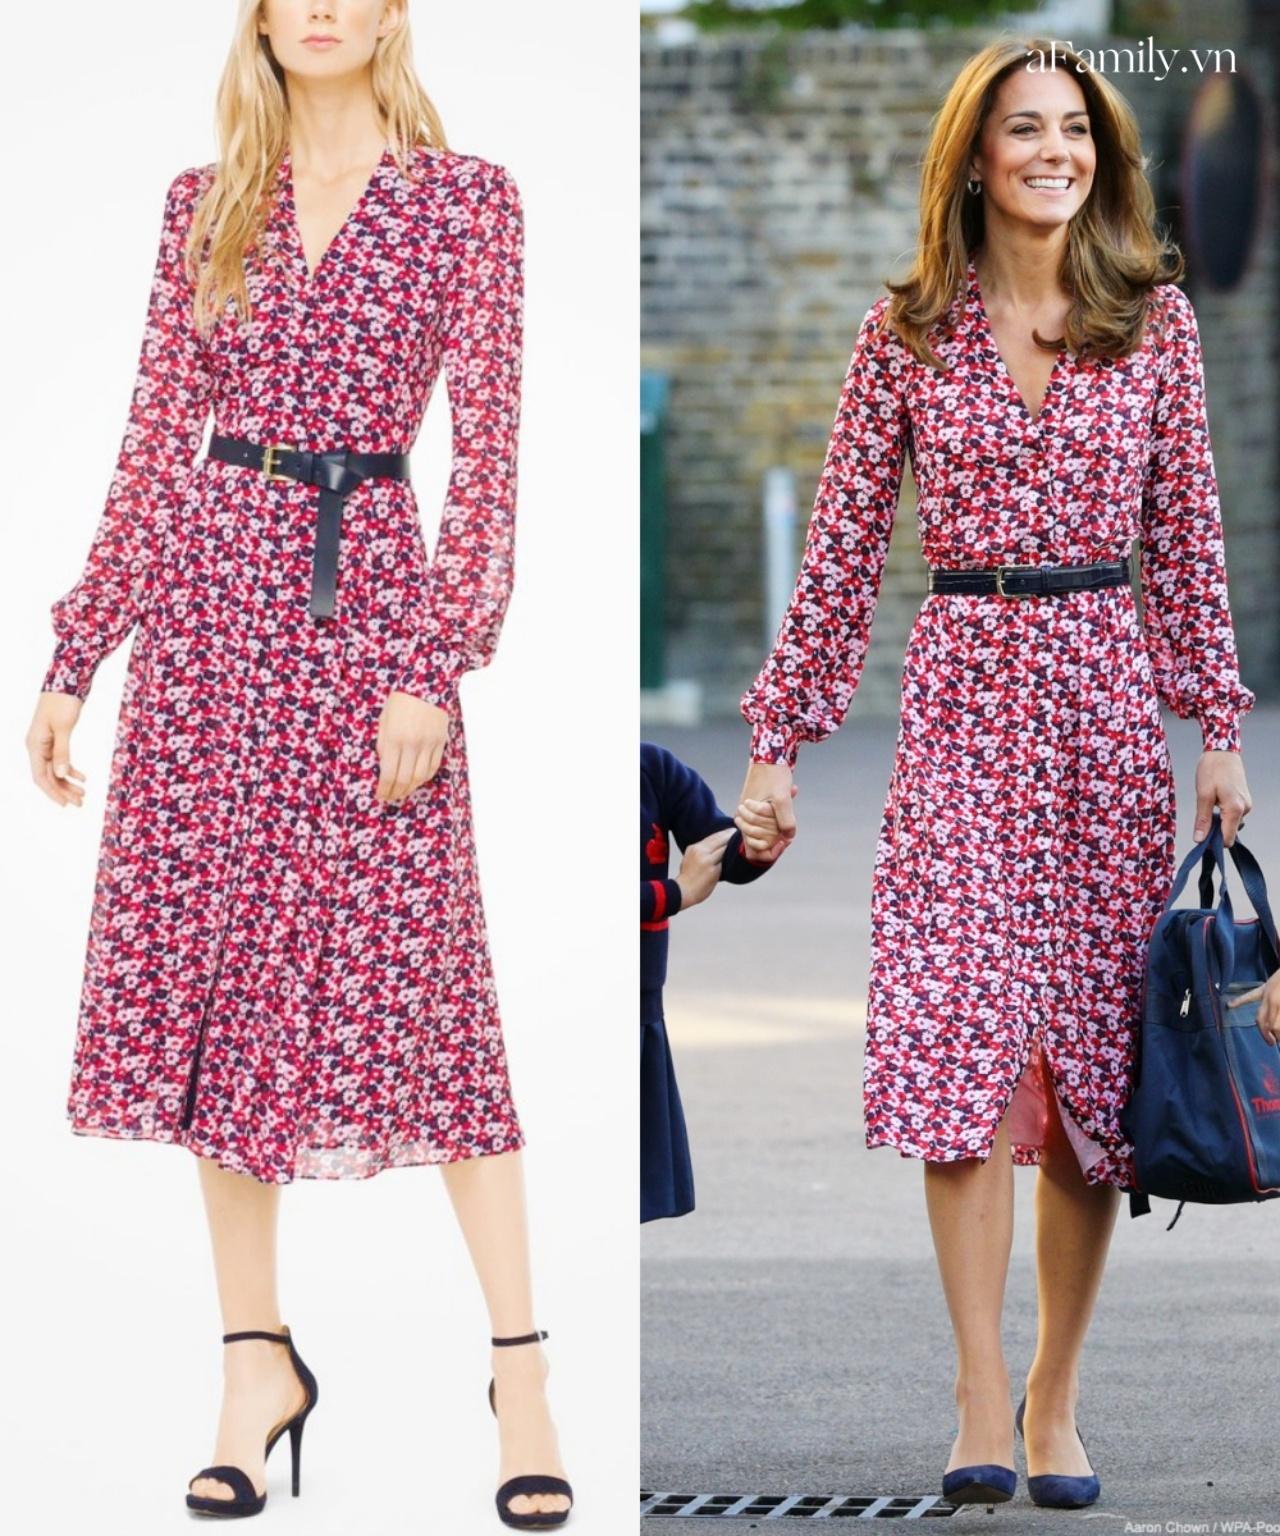 Đẳng cấp thời trang của Công nương Kate: Thanh lịch lấn át mẫu hãng, chứng minh khí chất hoàng gia hiếm ai bì kịp - Ảnh 7.